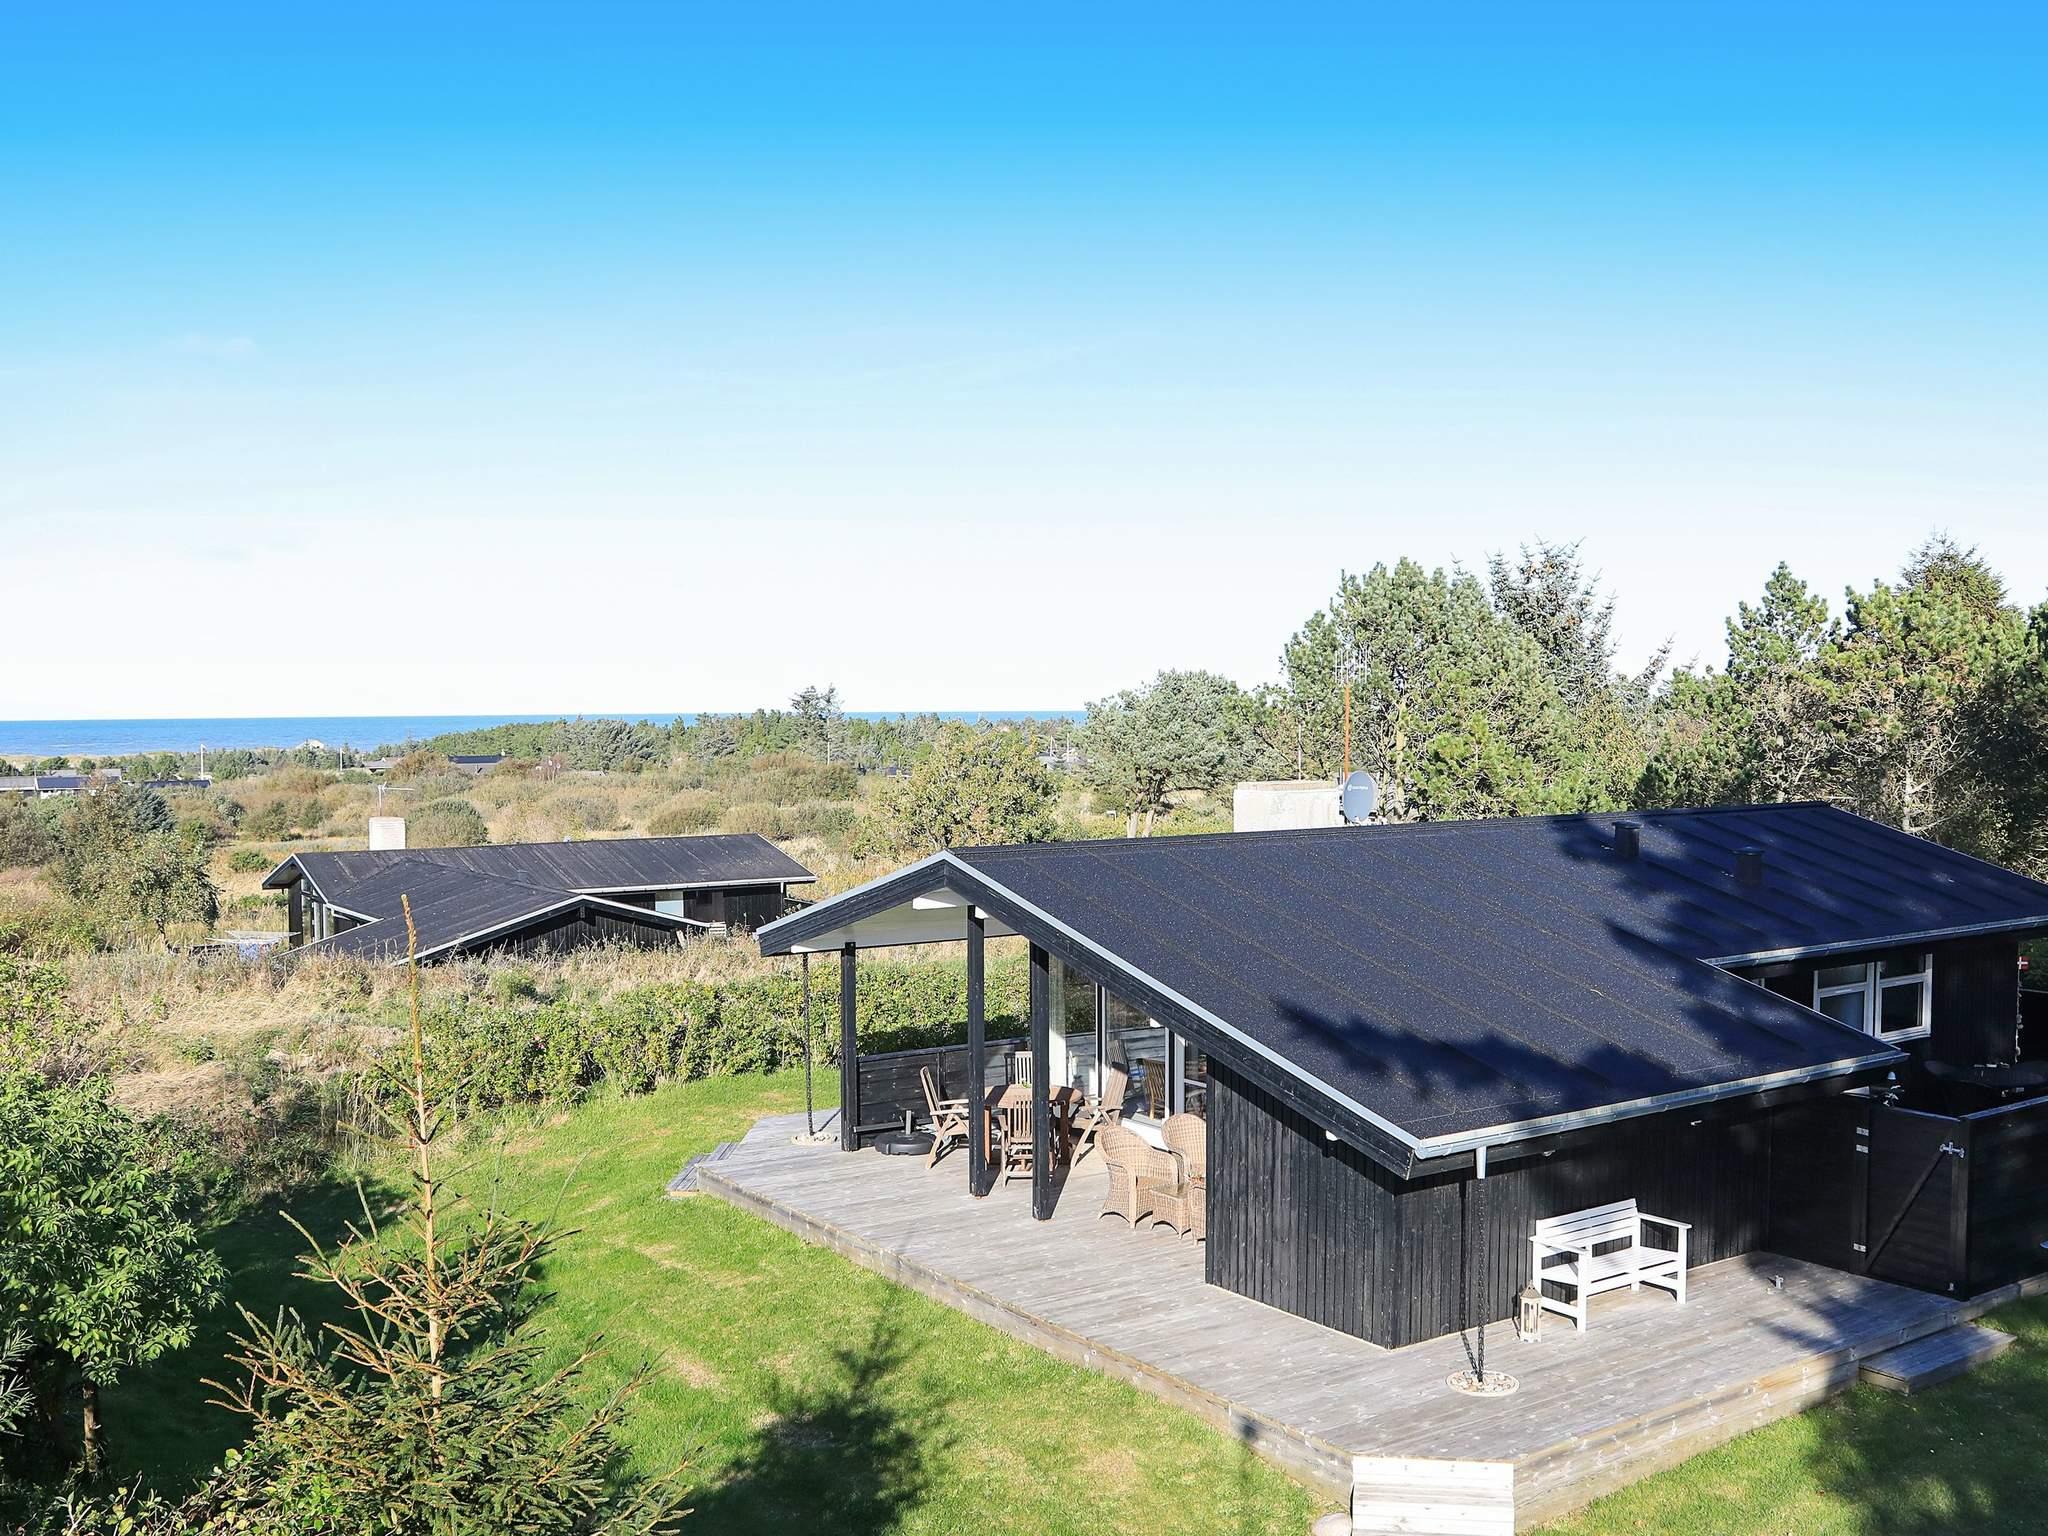 Ferienhaus Kjul Strand (2355118), Hirtshals, , Nordwestjütland, Dänemark, Bild 5